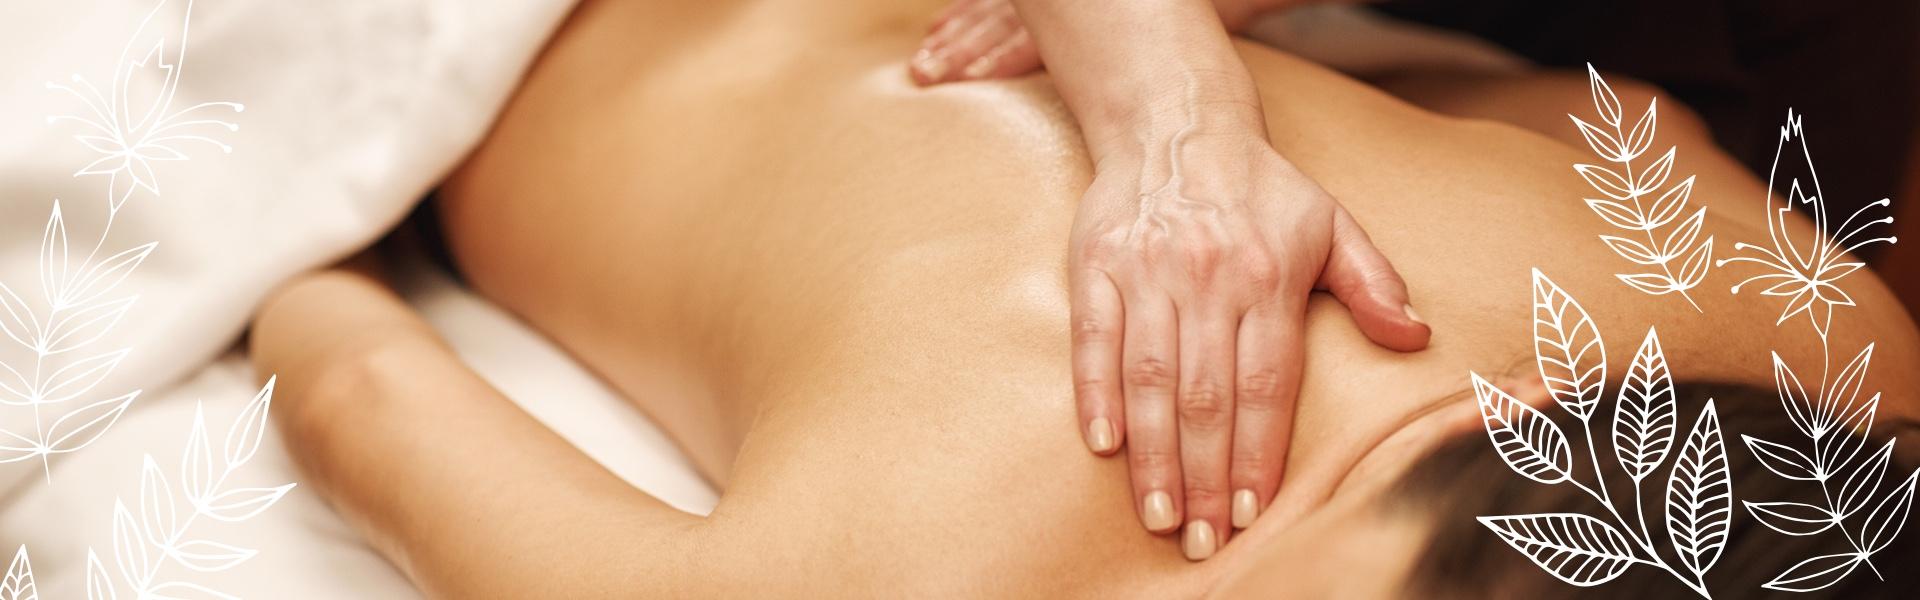 Körperpflege - Frau wird Massiert